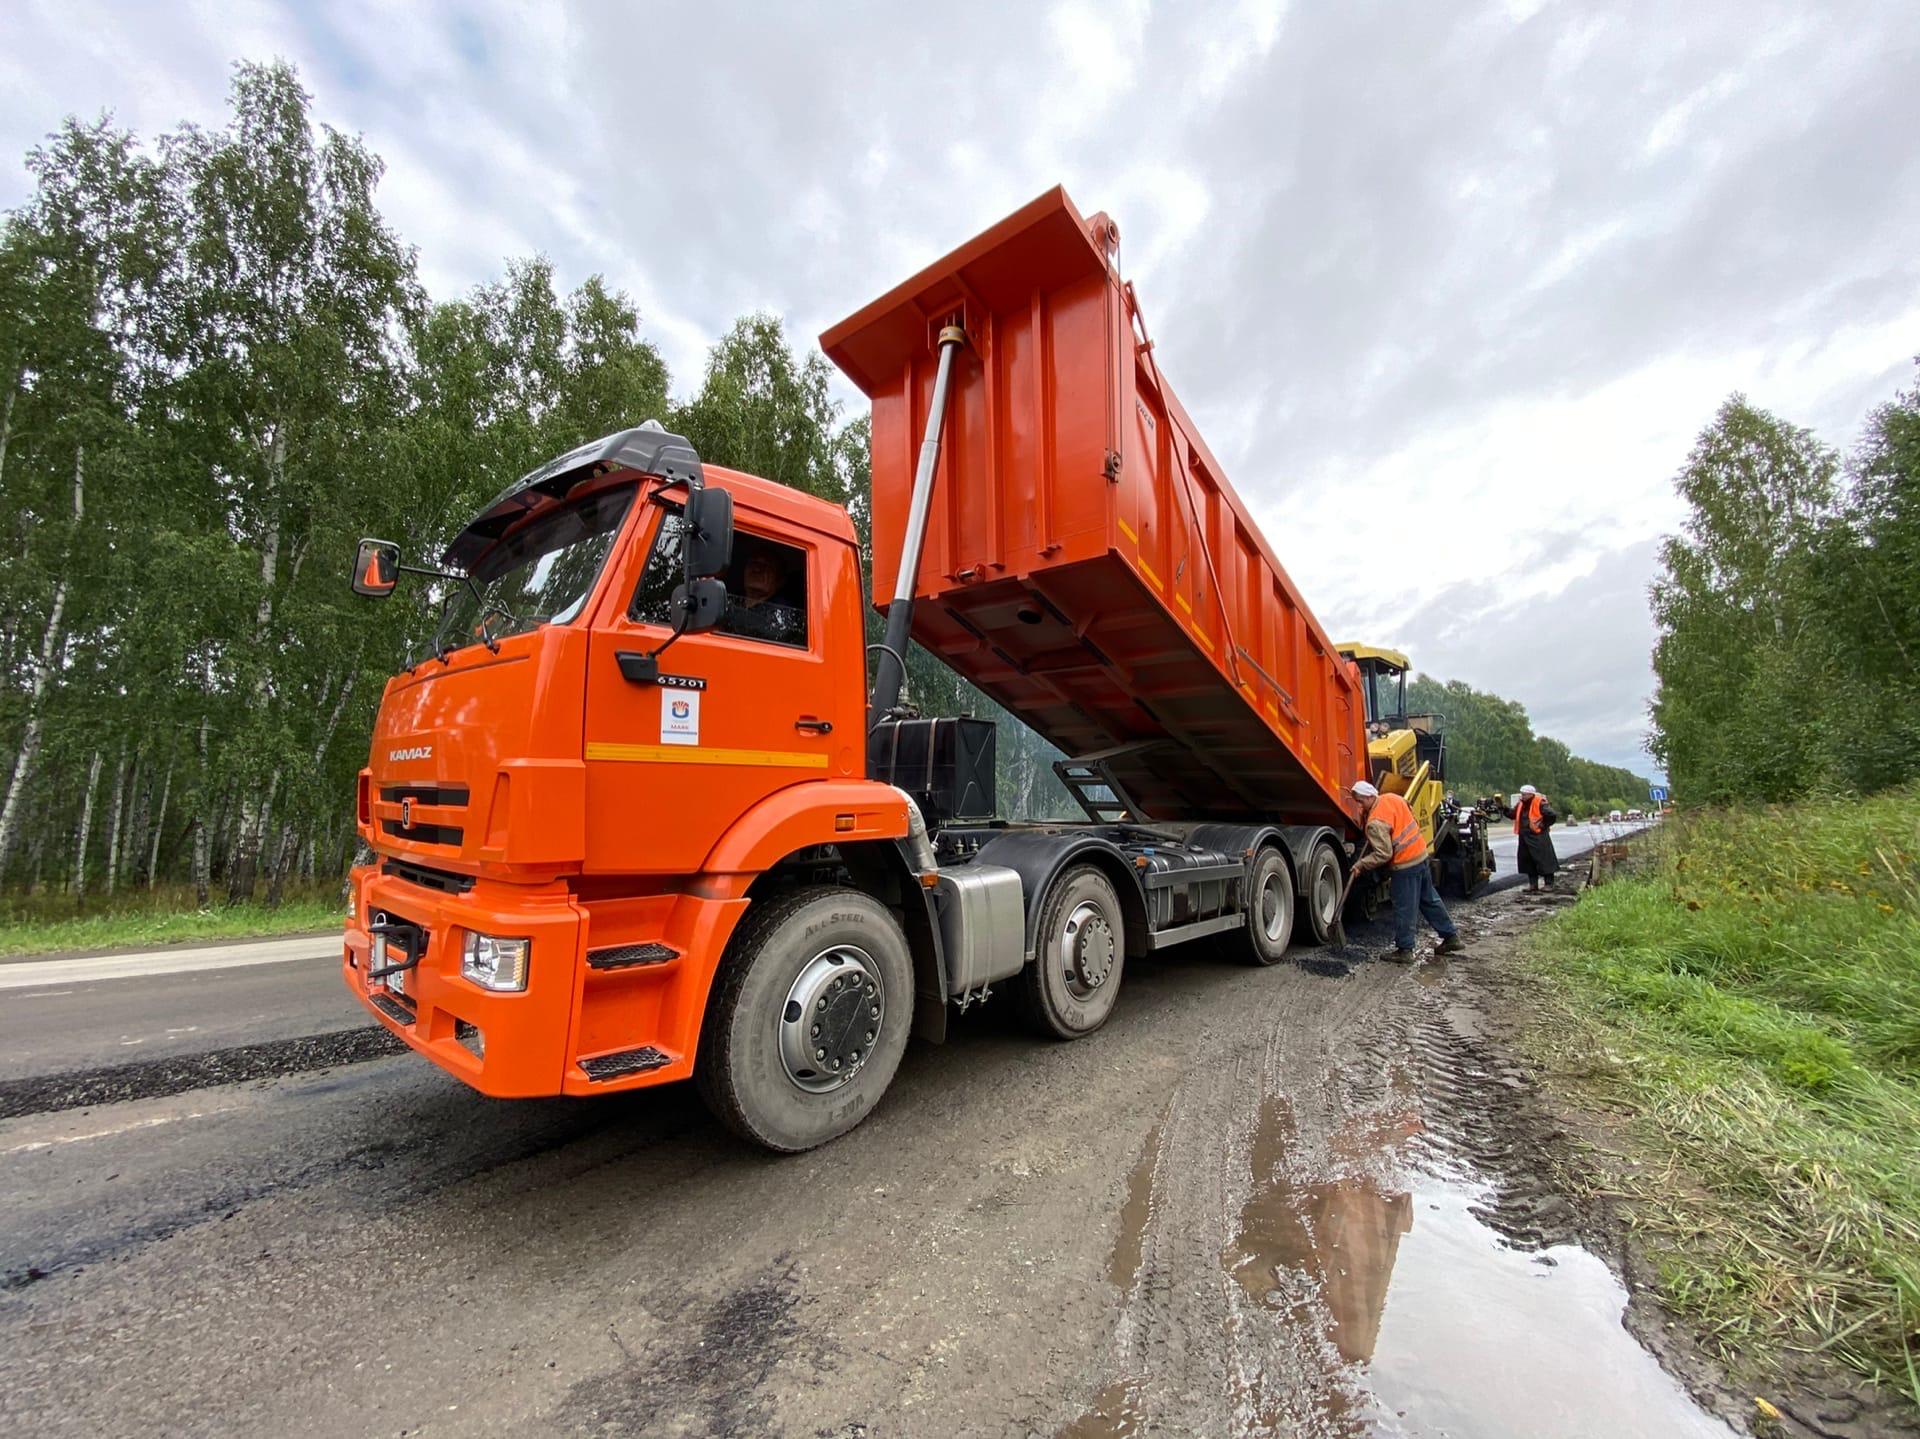 Ремонт дорог в Озерске: были реализованы масштабные проекты